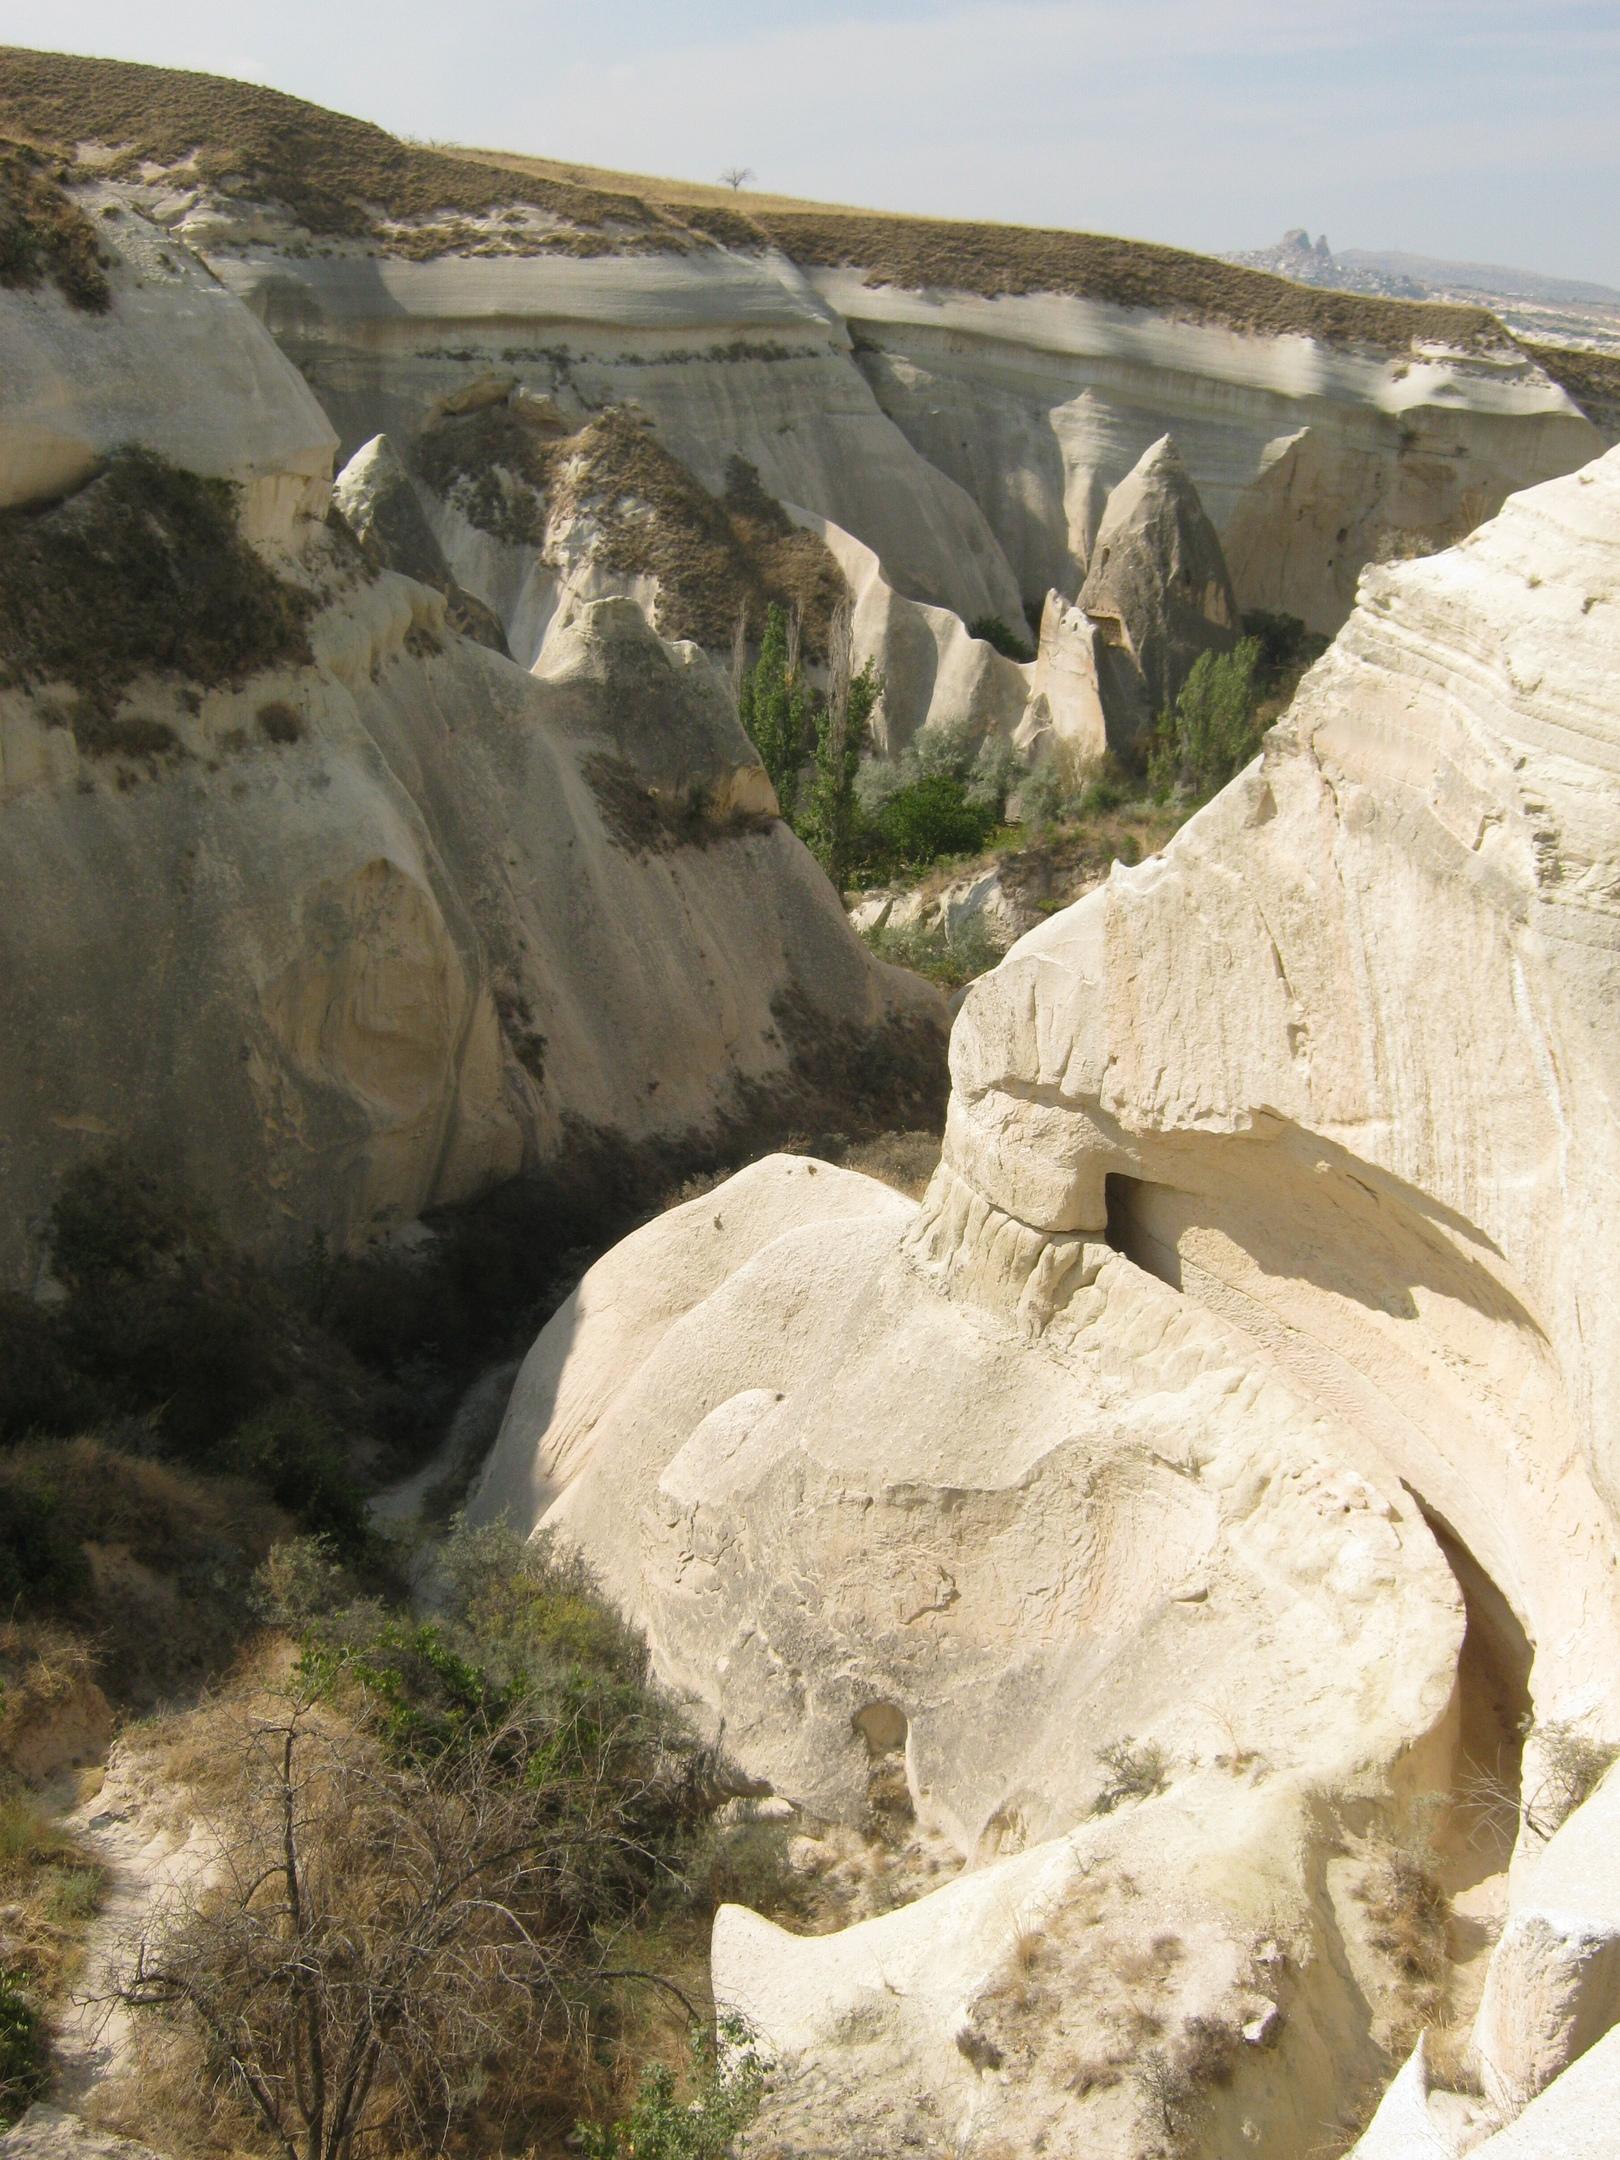 канал для воды в Каппадокии